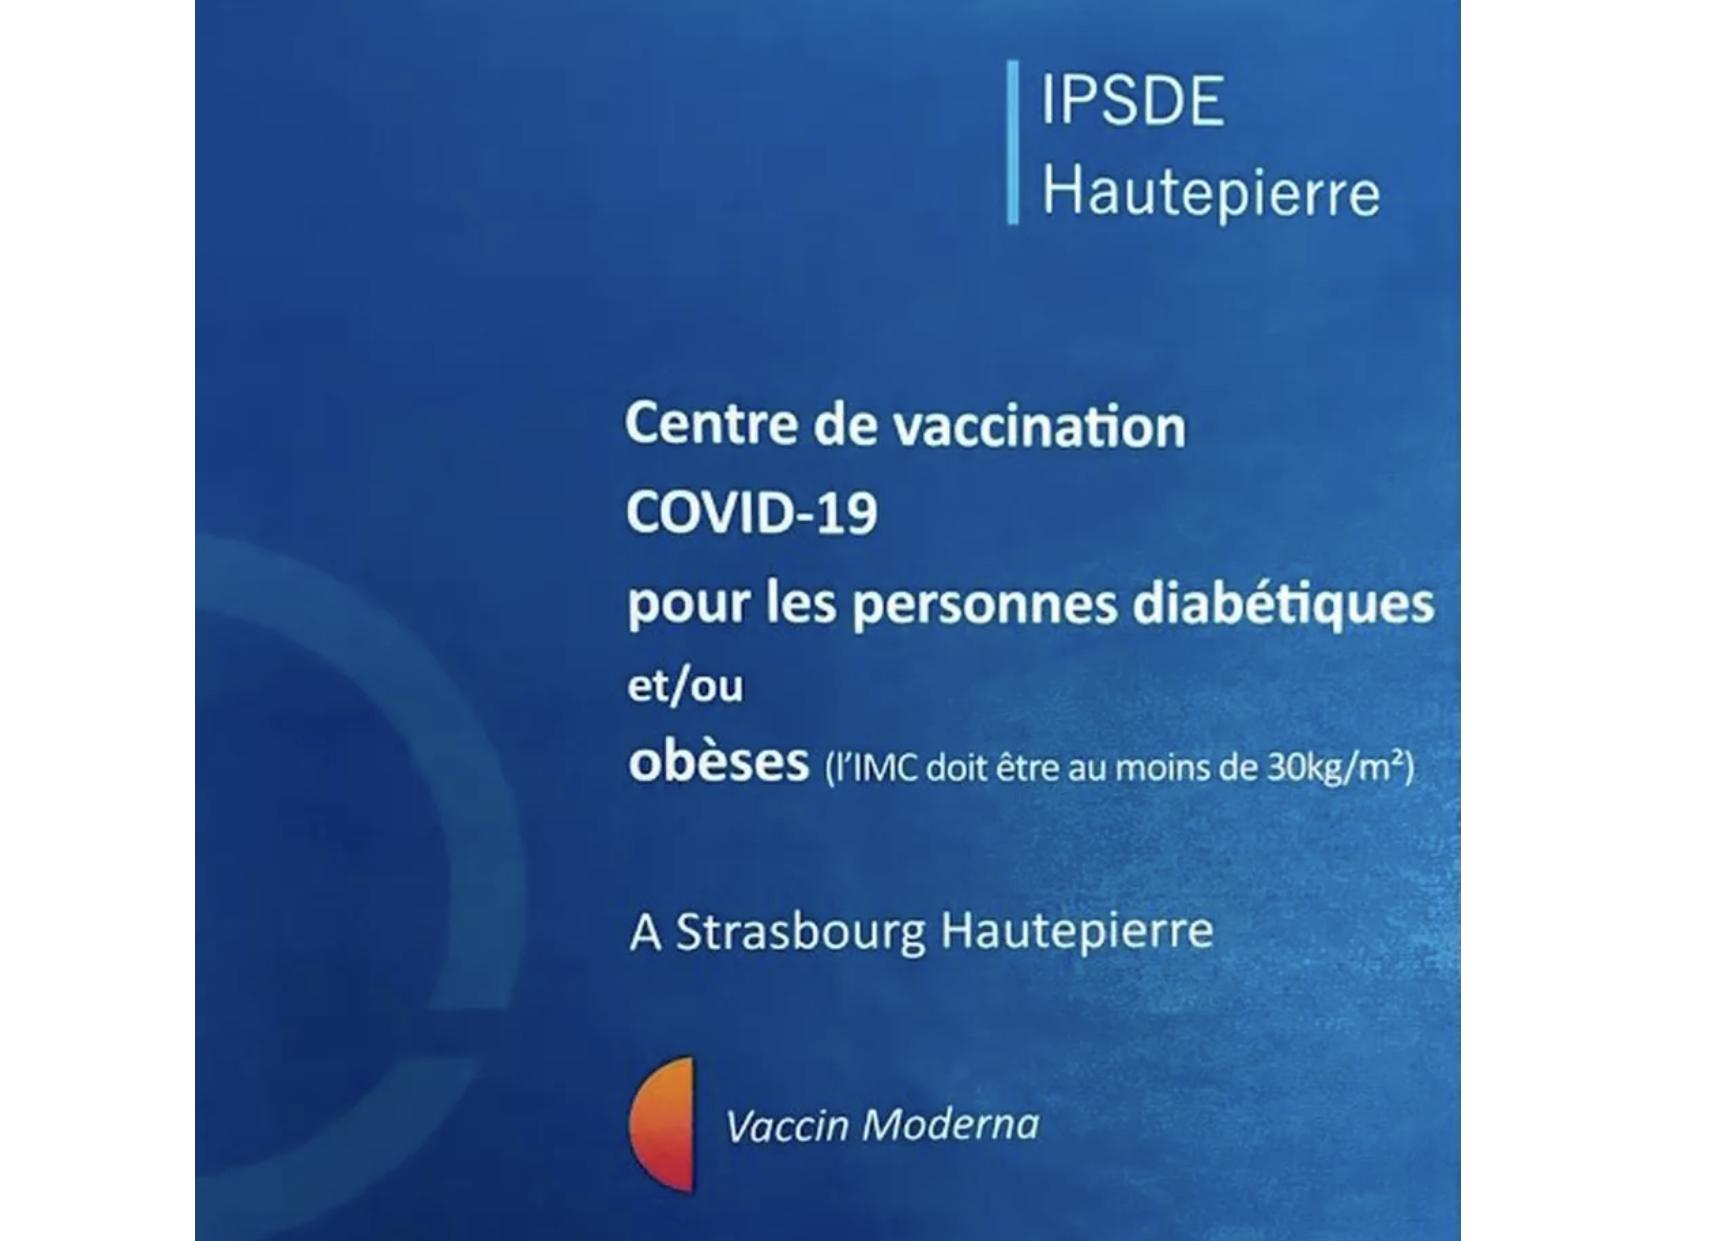 Les personnes atteintes de diabète ou en situation d'obésité payent un lourd tribut à la pandémie. En Alsace, plusieurs structures et institutions ont conjugué leurs efforts pour ouvrir un centre de vaccination dédié à ces patients à partir de 18 ans, alors qu'au niveau national le calendrier vaccinal ne l'autorise pas encore. Une première en France que la Ligue contre l'obésité et les patients souhaiteraient voir étendue...